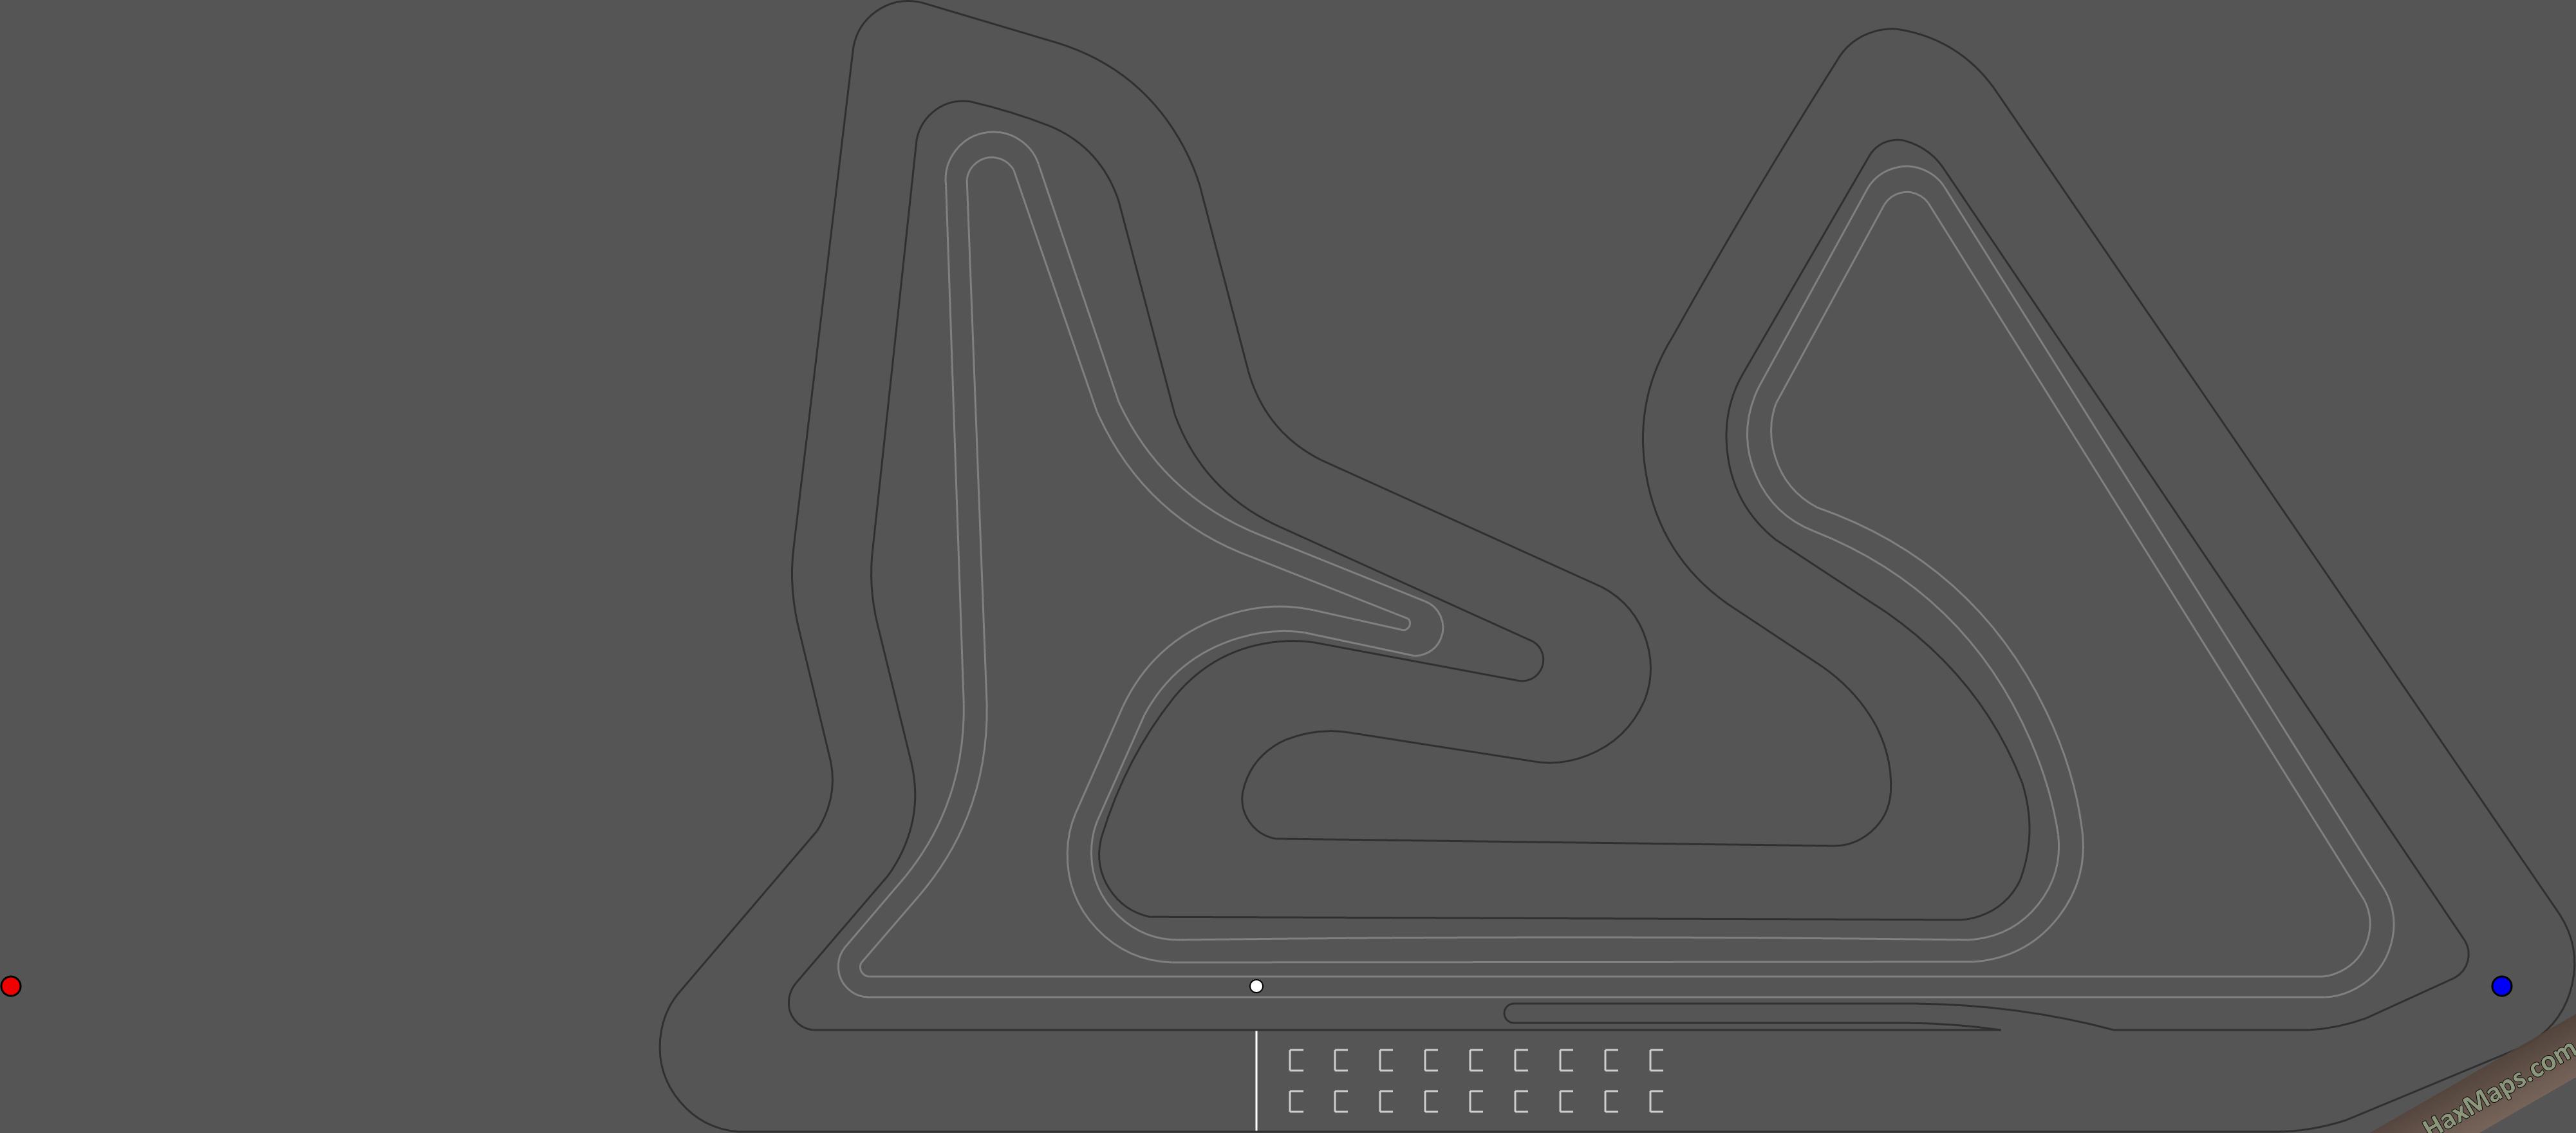 hax ball maps | Bahrain F1 Circuit by pelek38